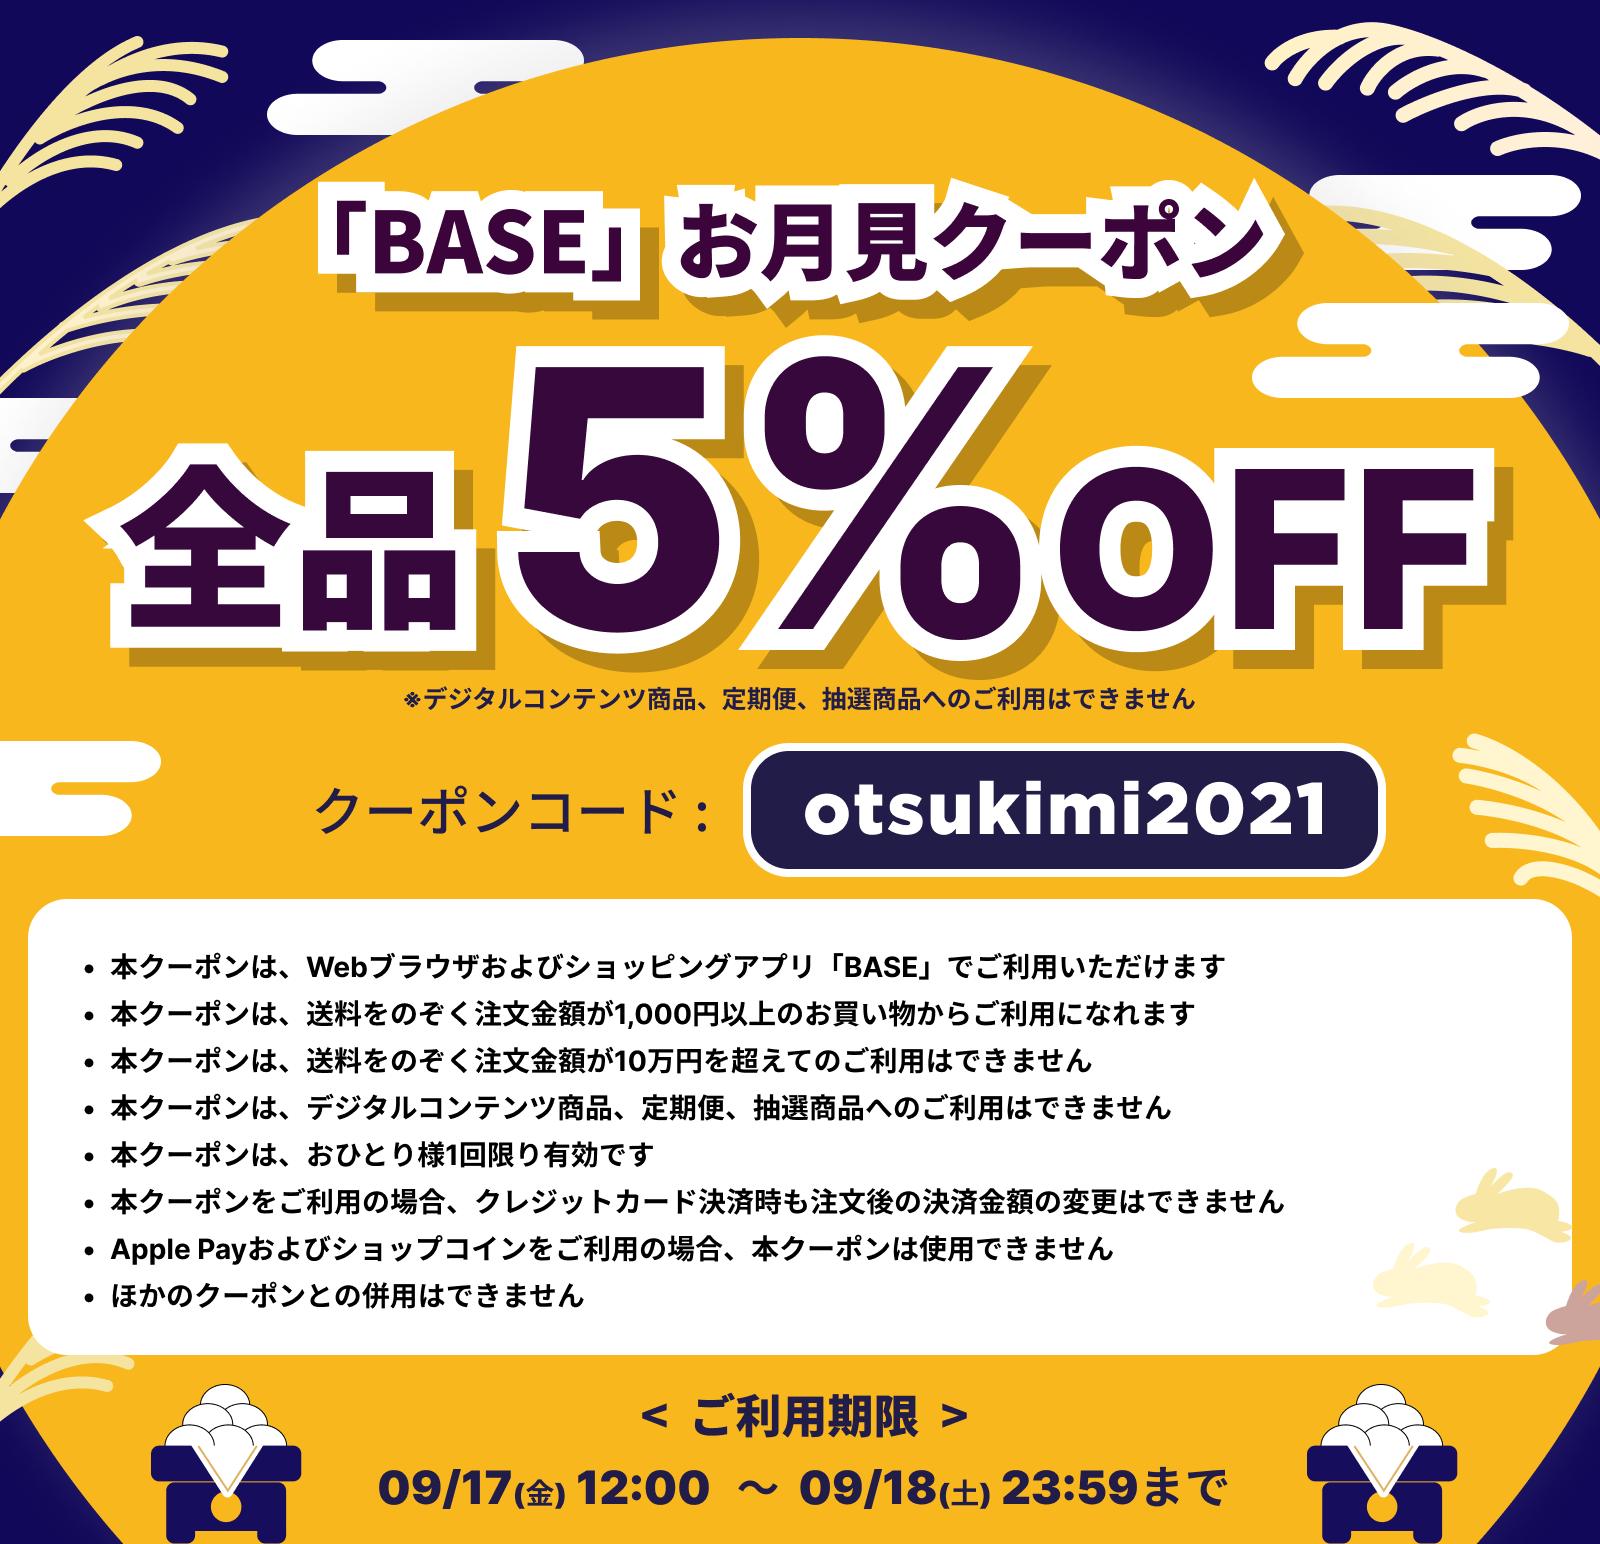 【9/17(金)12:00~9/18(土)23:59】5%OFFクーポンを配布中!